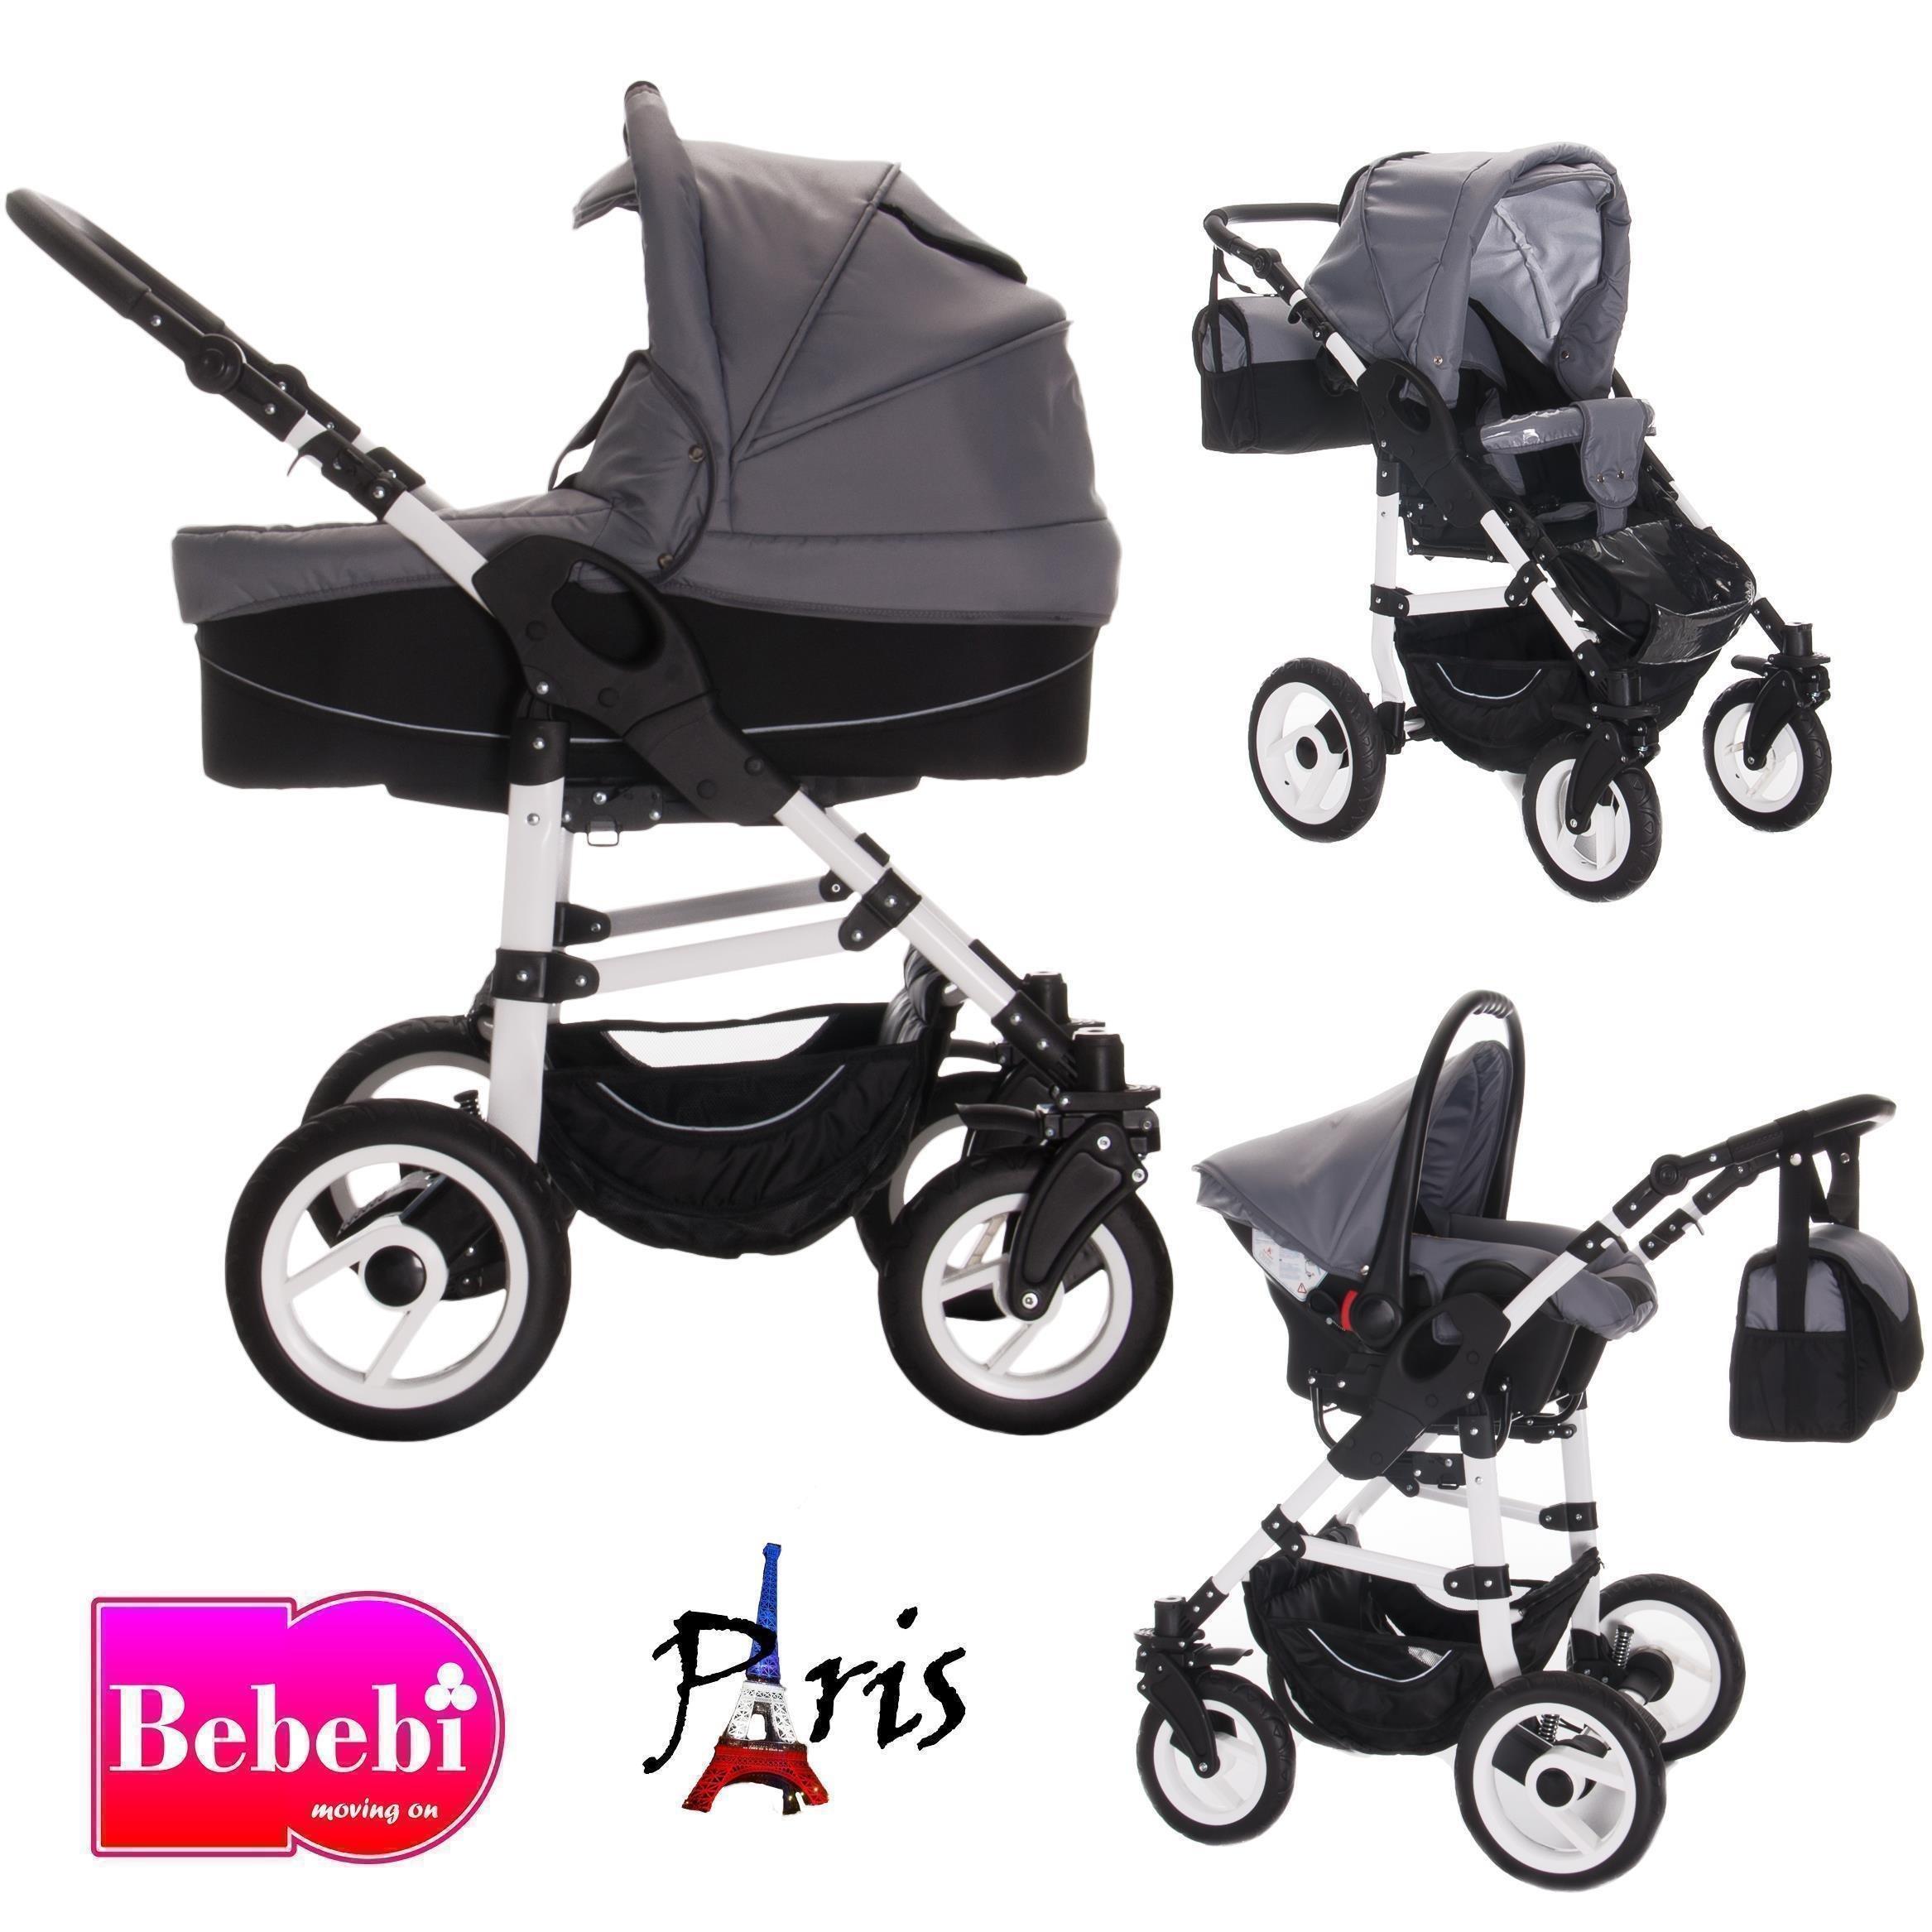 Bebebi Paris | 3 in 1 Kinderwagen Komplettset | Hartgummireifen | Farbe: Arc de Triomphe